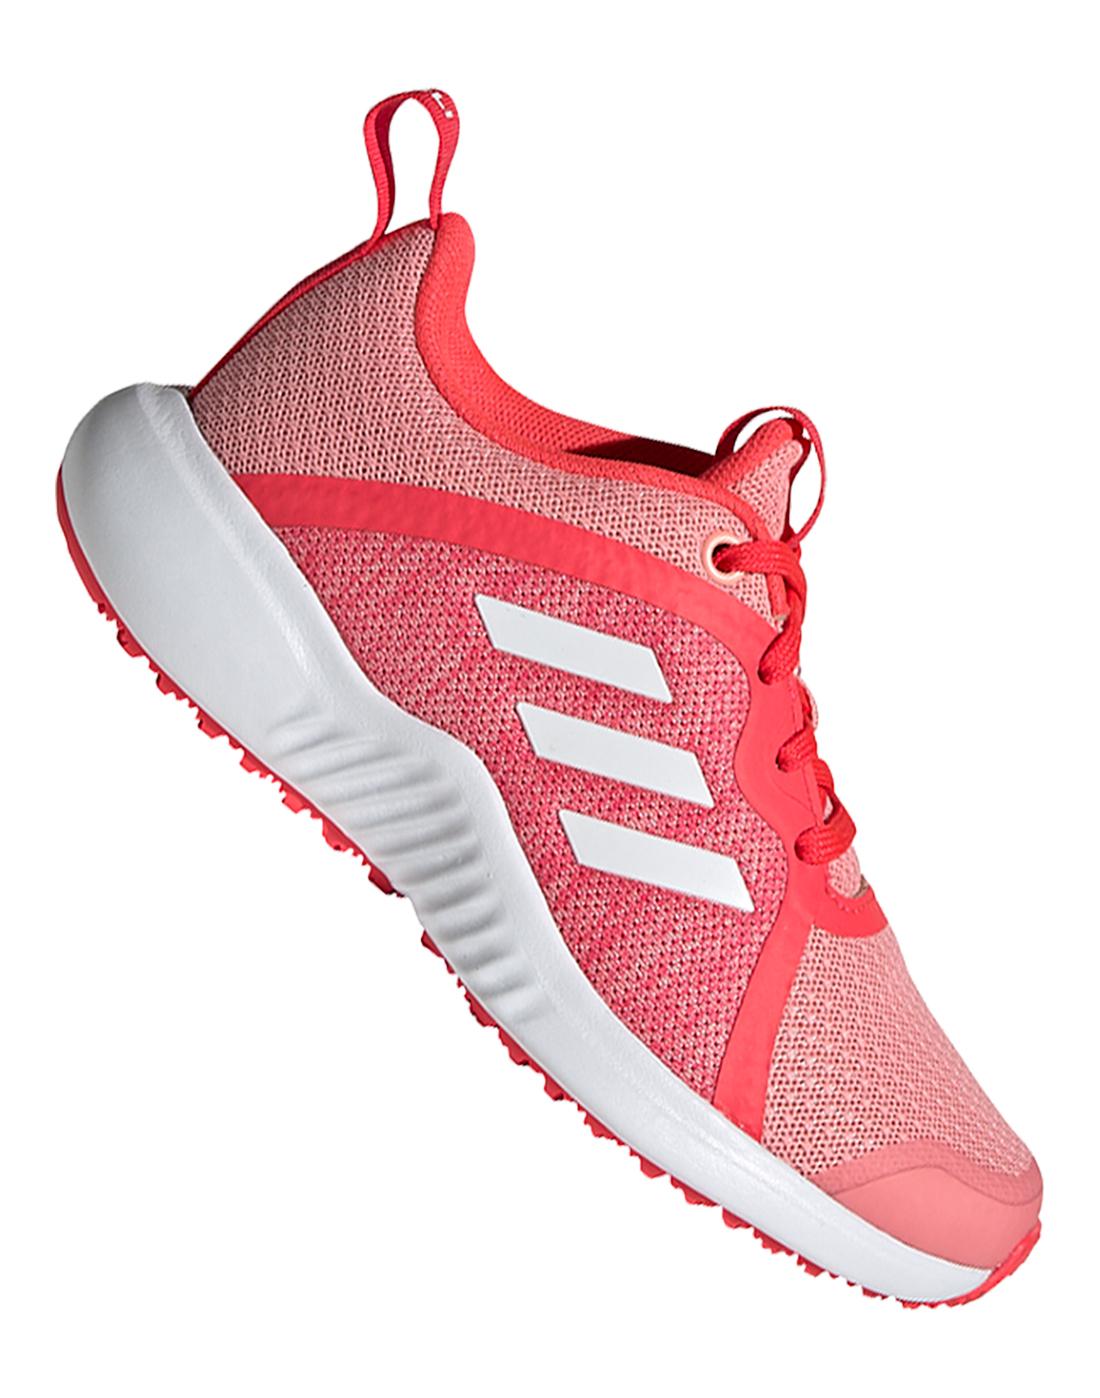 adidas Older Girls Fortarun X - Pink